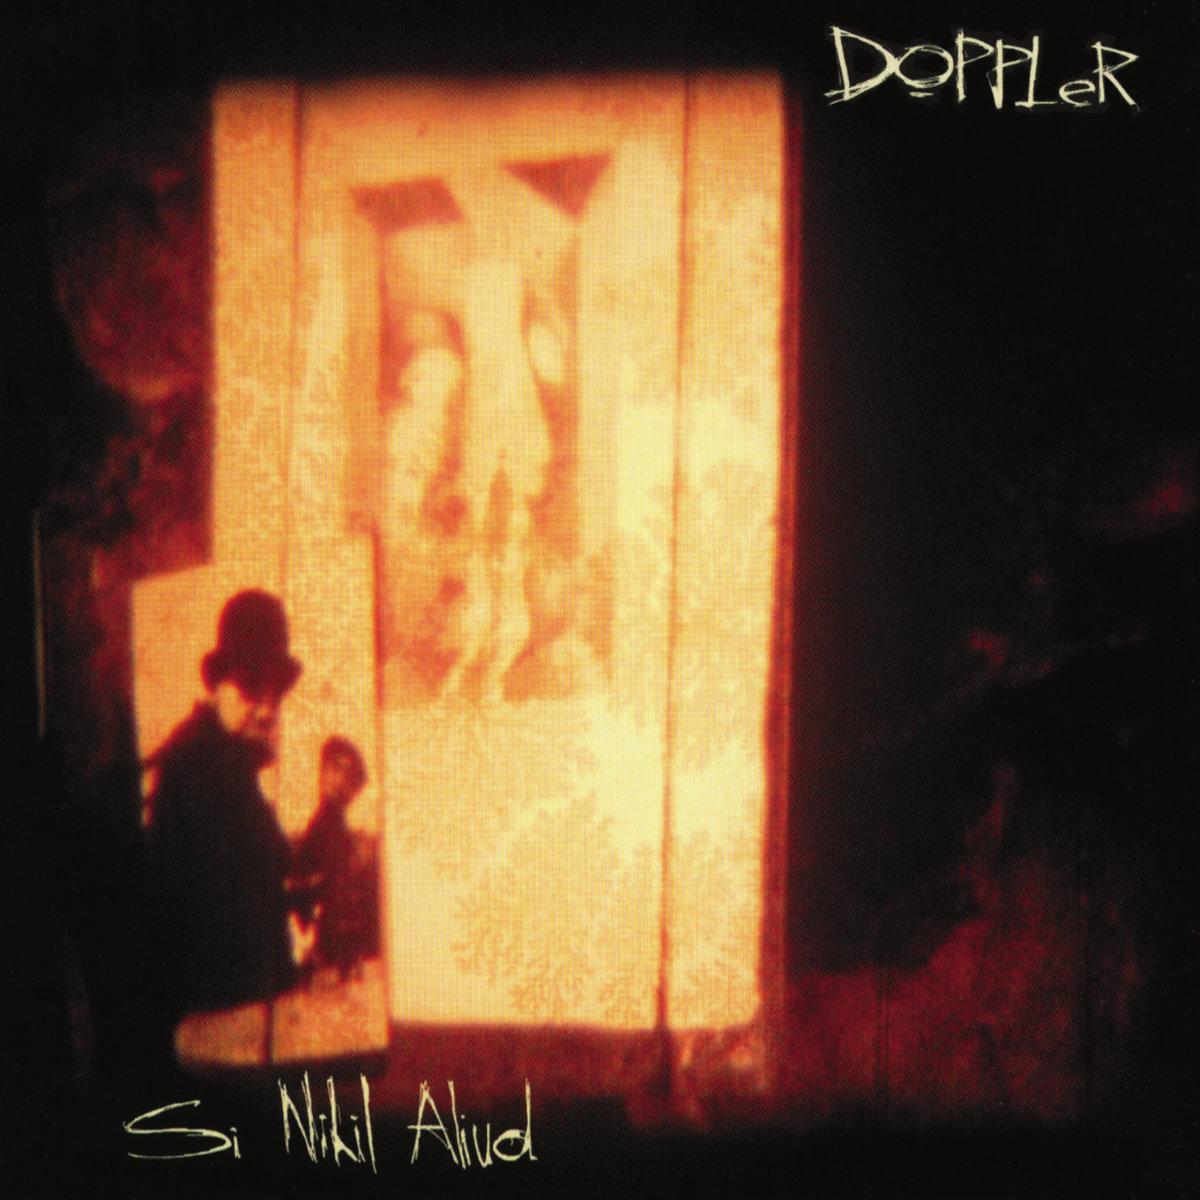 DOPPLER - Si Nihil Aliud